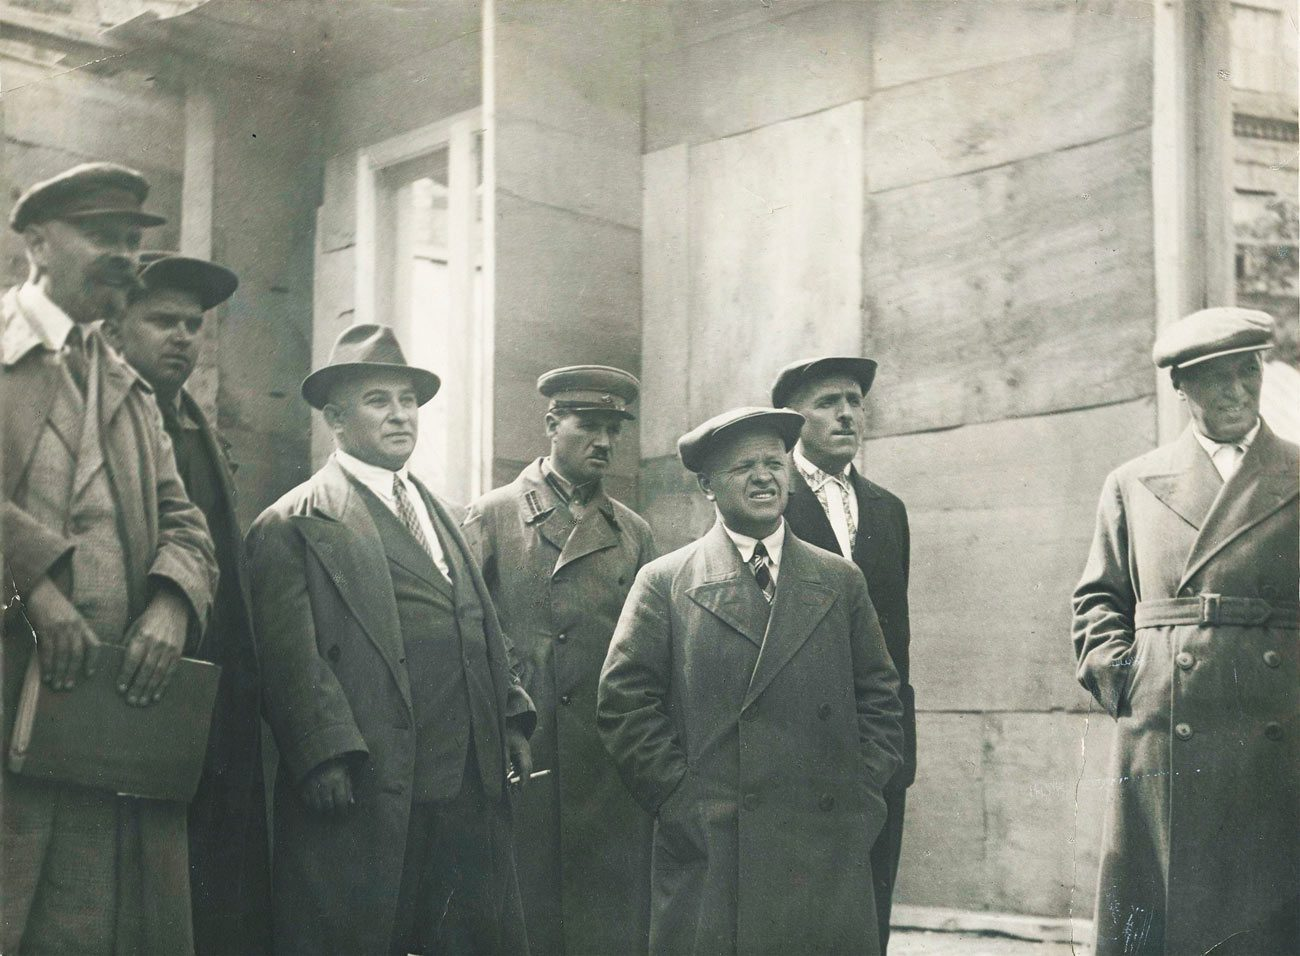 langbard u kiєvi 1936 - <b>«Безродные и буржуазные»:</b> как еврейские архитекторы строили советские города и теряли из-за этого работу - Заборона